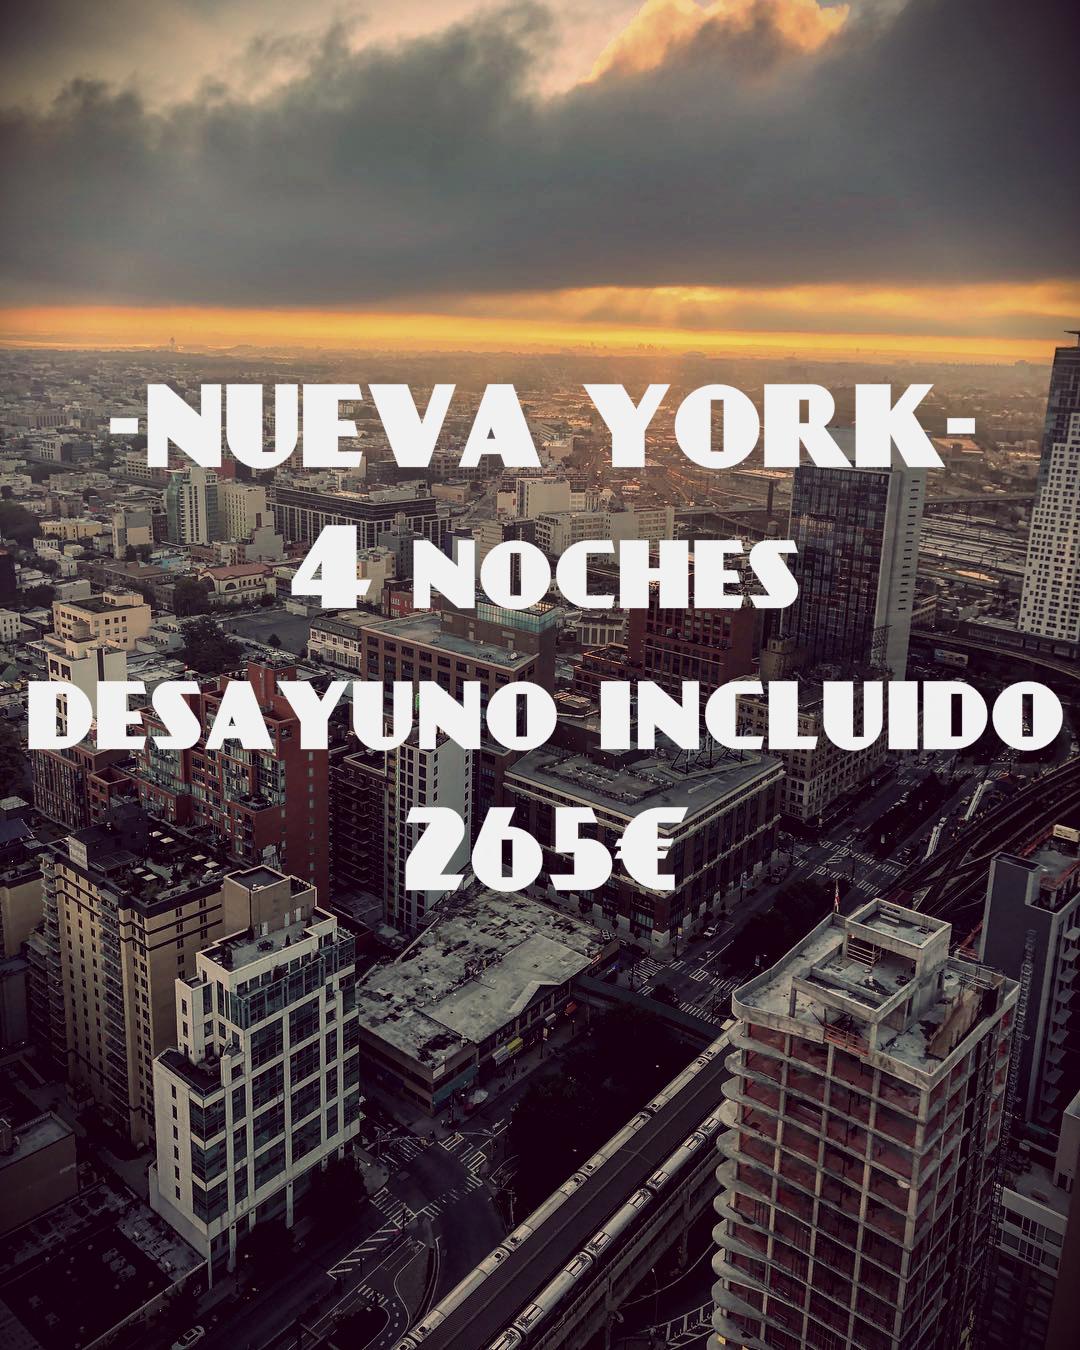 Nueva York - 4 noches de hotel para 2 personas + desayuno